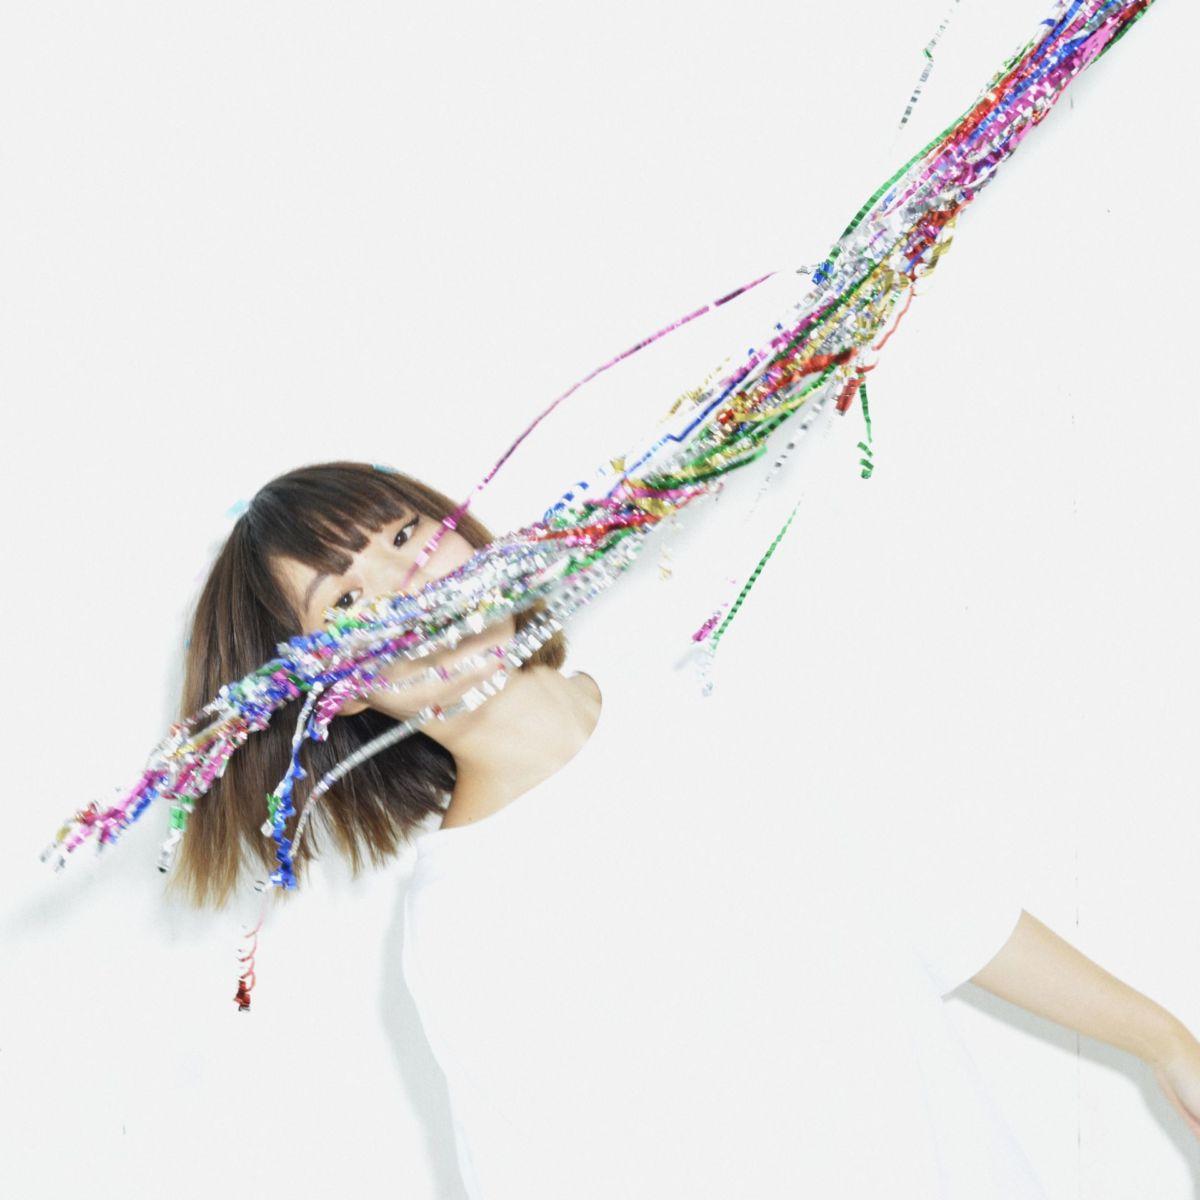 【まだ聴いてないなんて言わせないヨ!】TOKYO HEALTH CLUBのTSUBAME、ソロでの先行シングルにおかもとえみ、chelmico・RACHELが参加! OKAMOTO-1200x1200